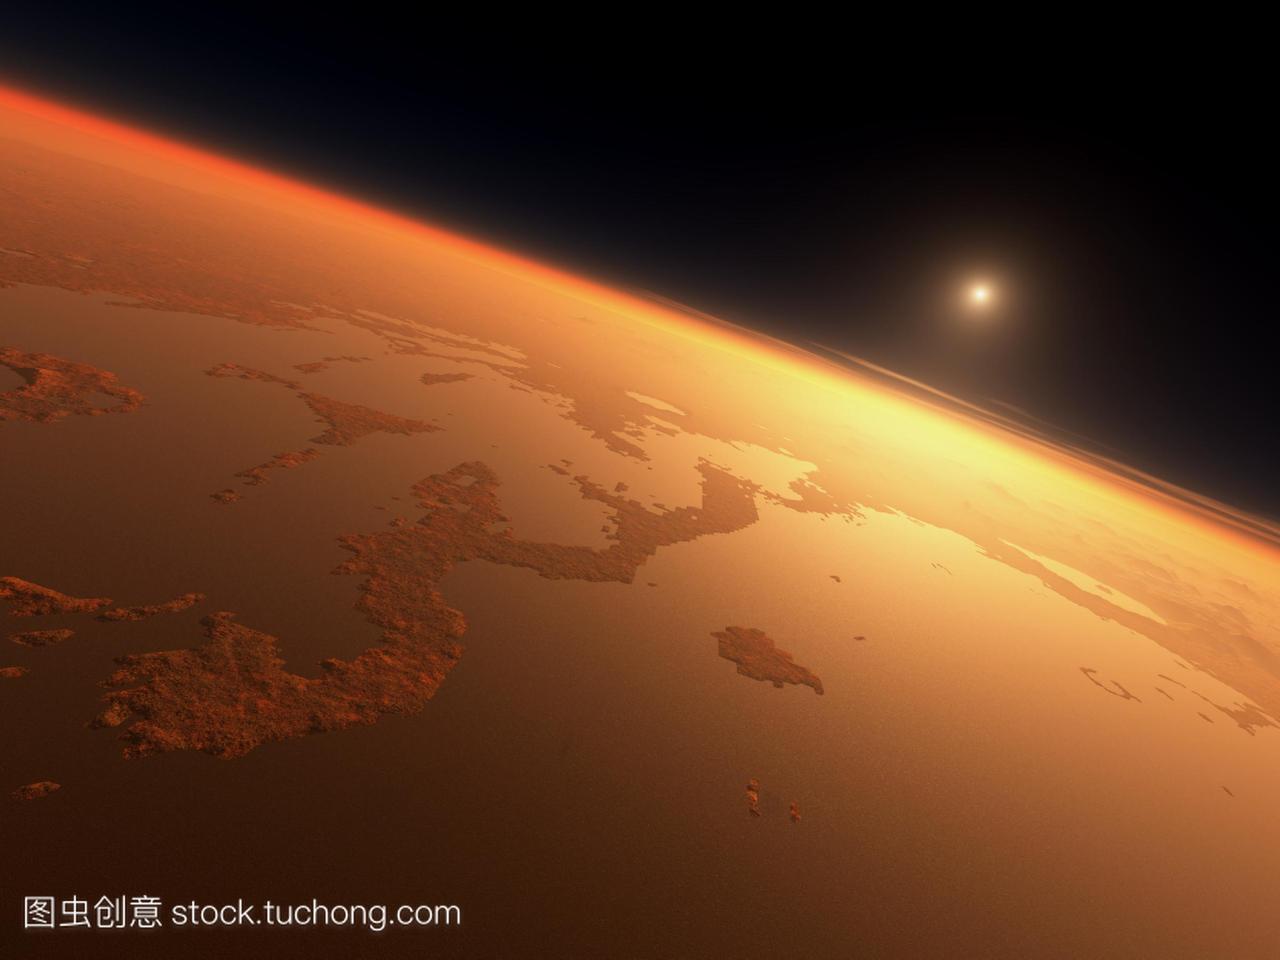 水在火星上。35亿学校,在火星上的日出时,电脑广东省年前普通高中图片